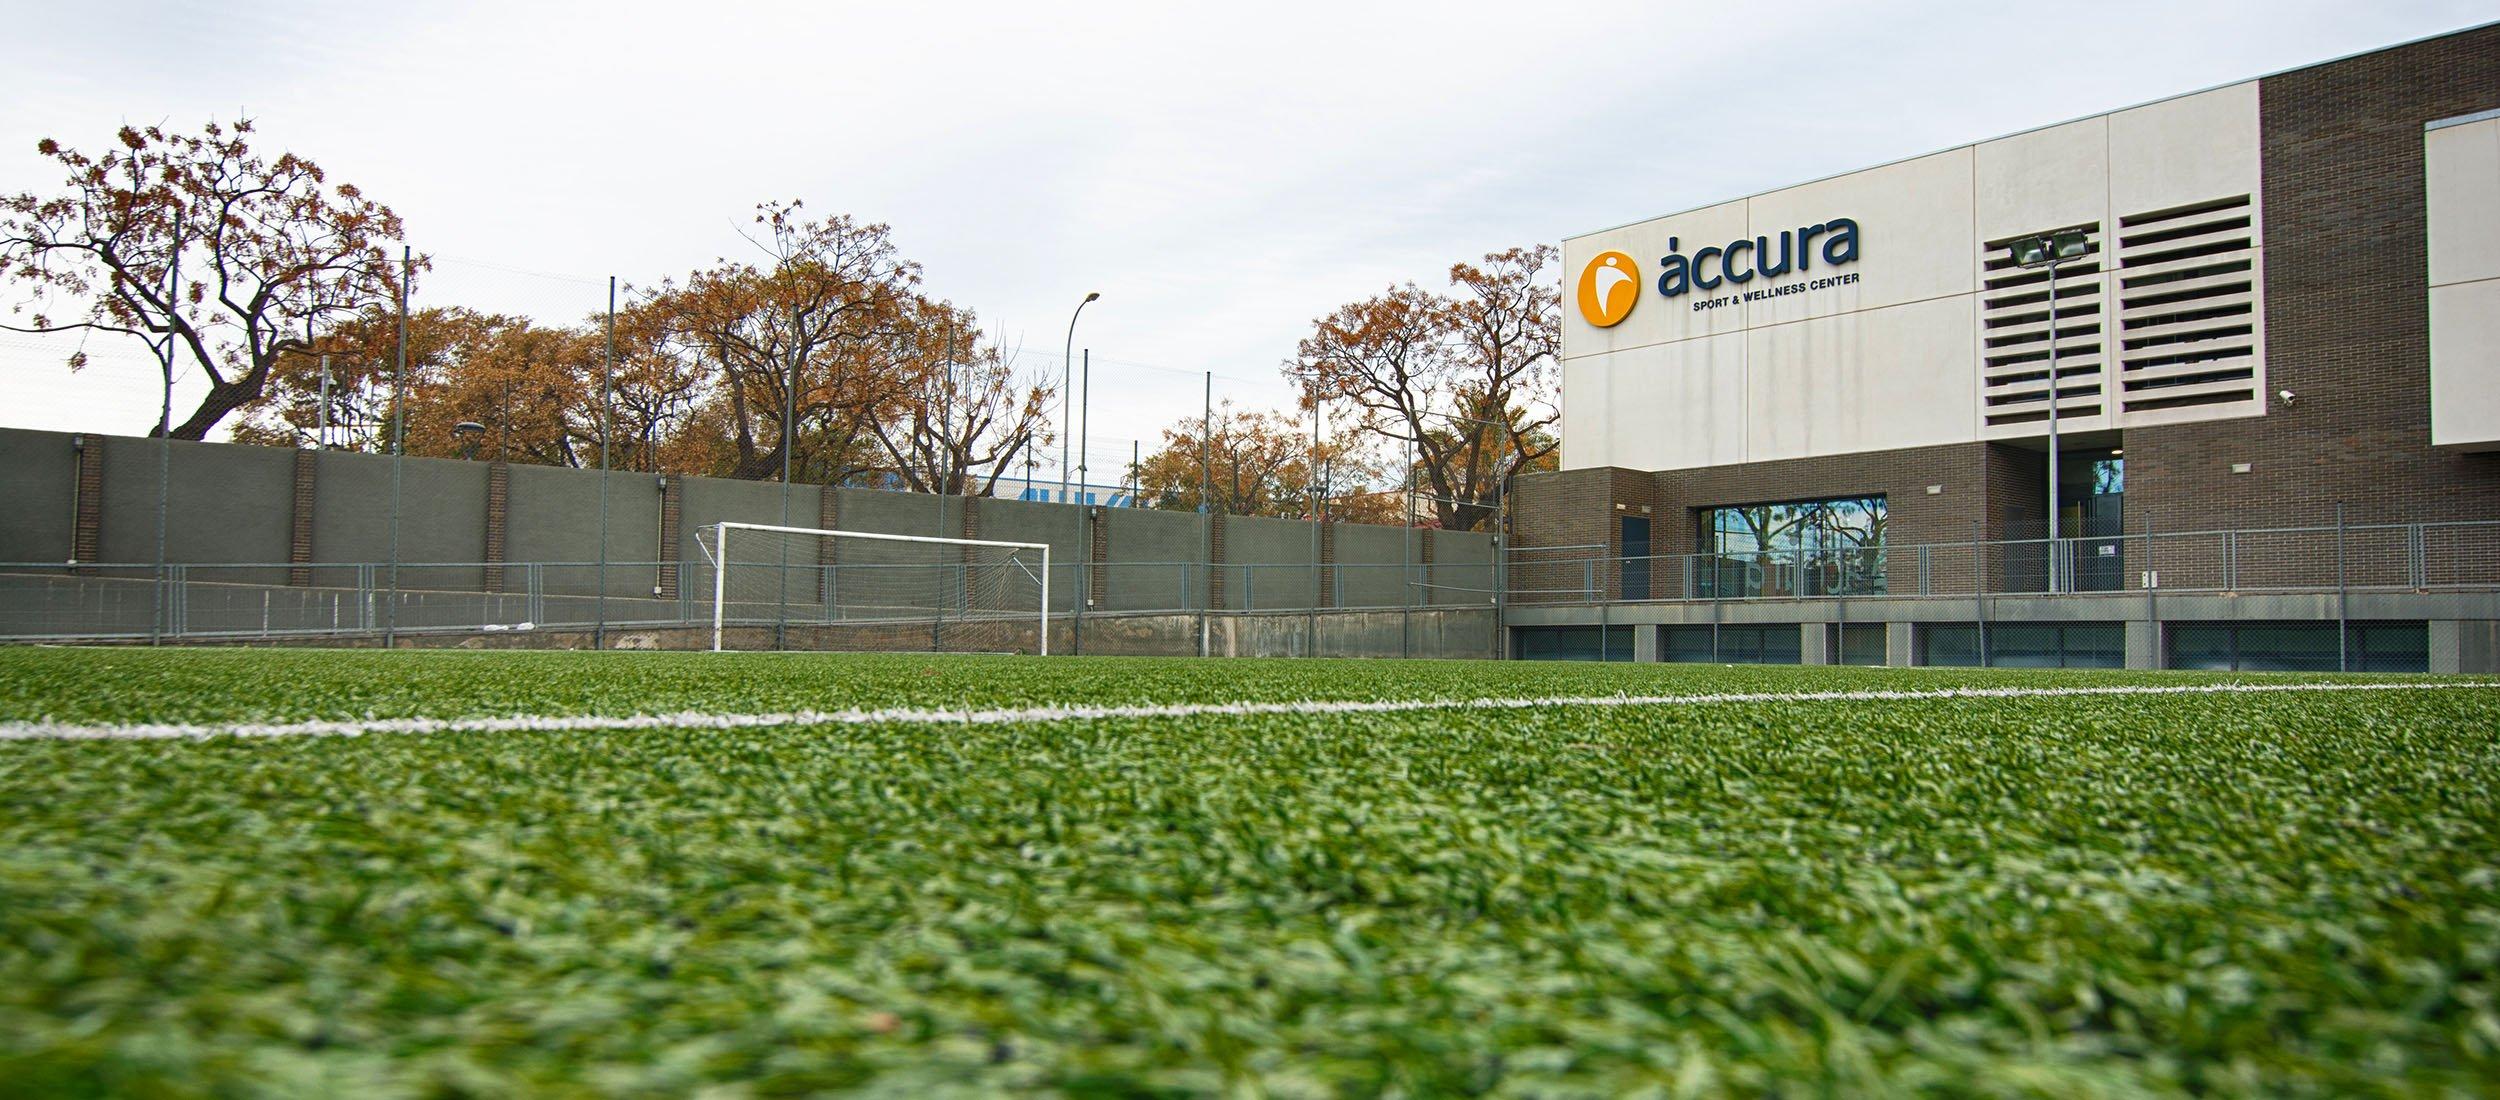 Instalaciones athletic viladecans futbol club - Accura viladecans ...